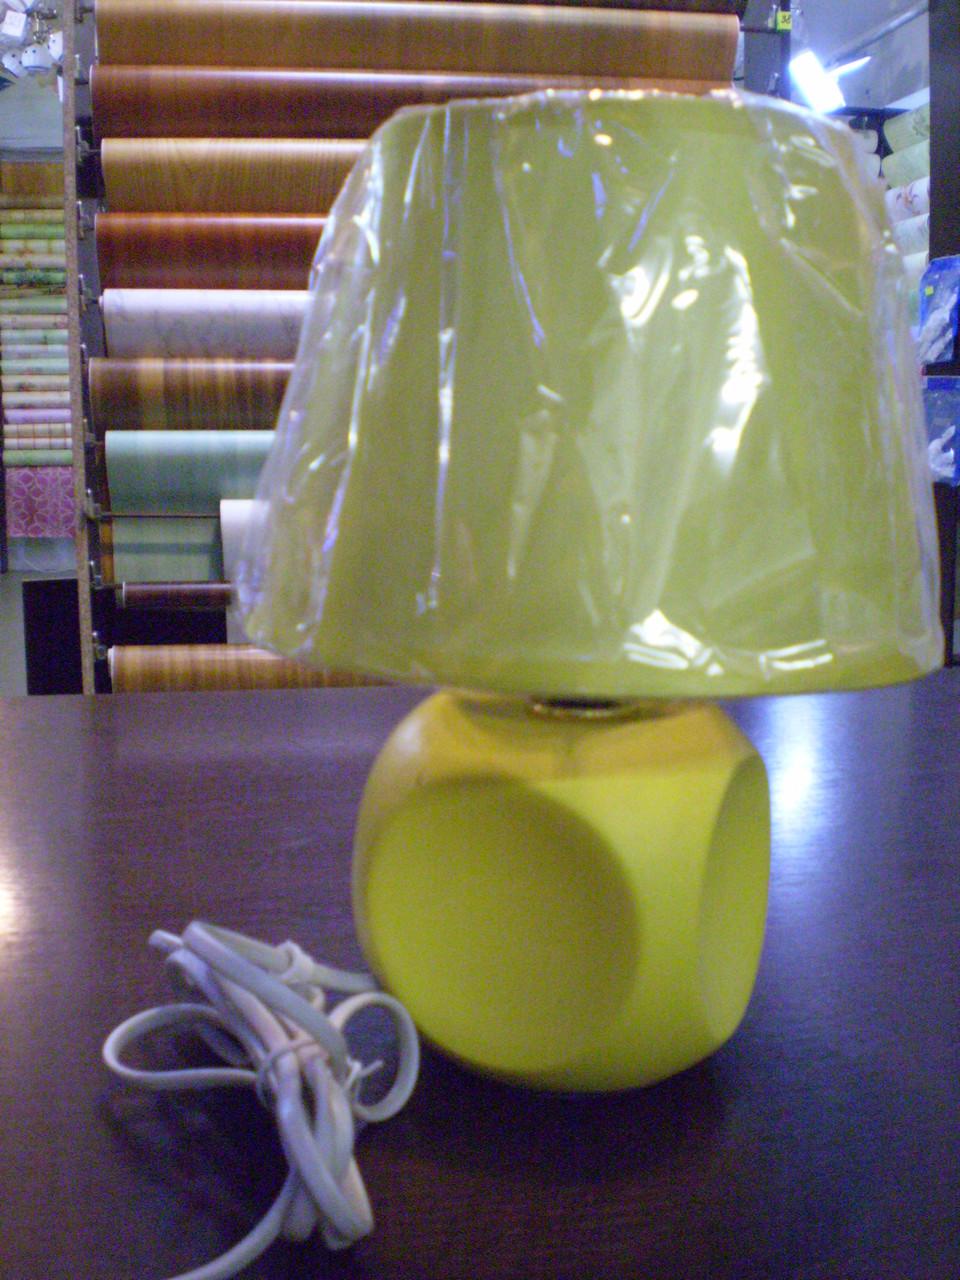 Лампа настольная, 1 лампа, высота лампы - 25 см, диаметр абажура - 17 см.